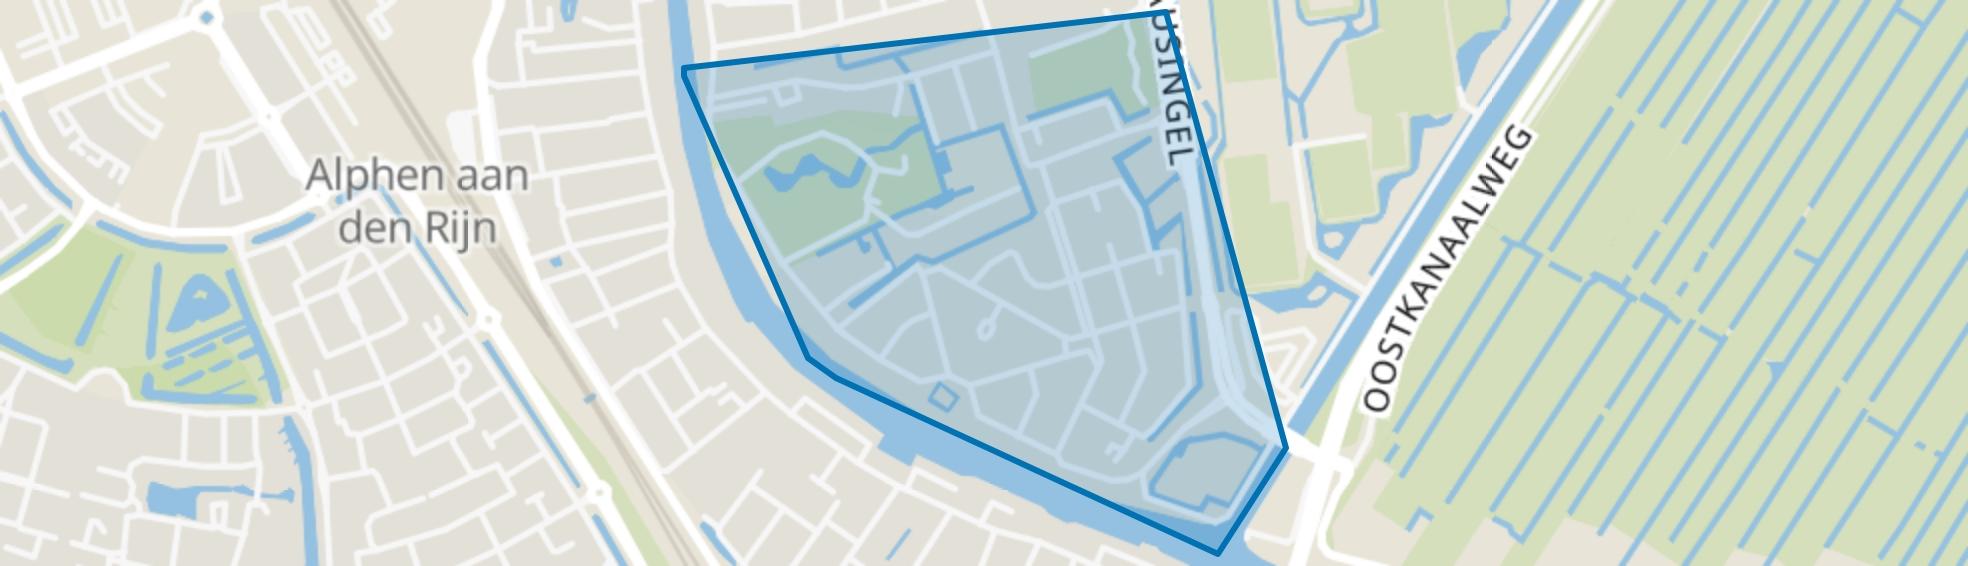 Beerendrecht, Alphen aan den Rijn map